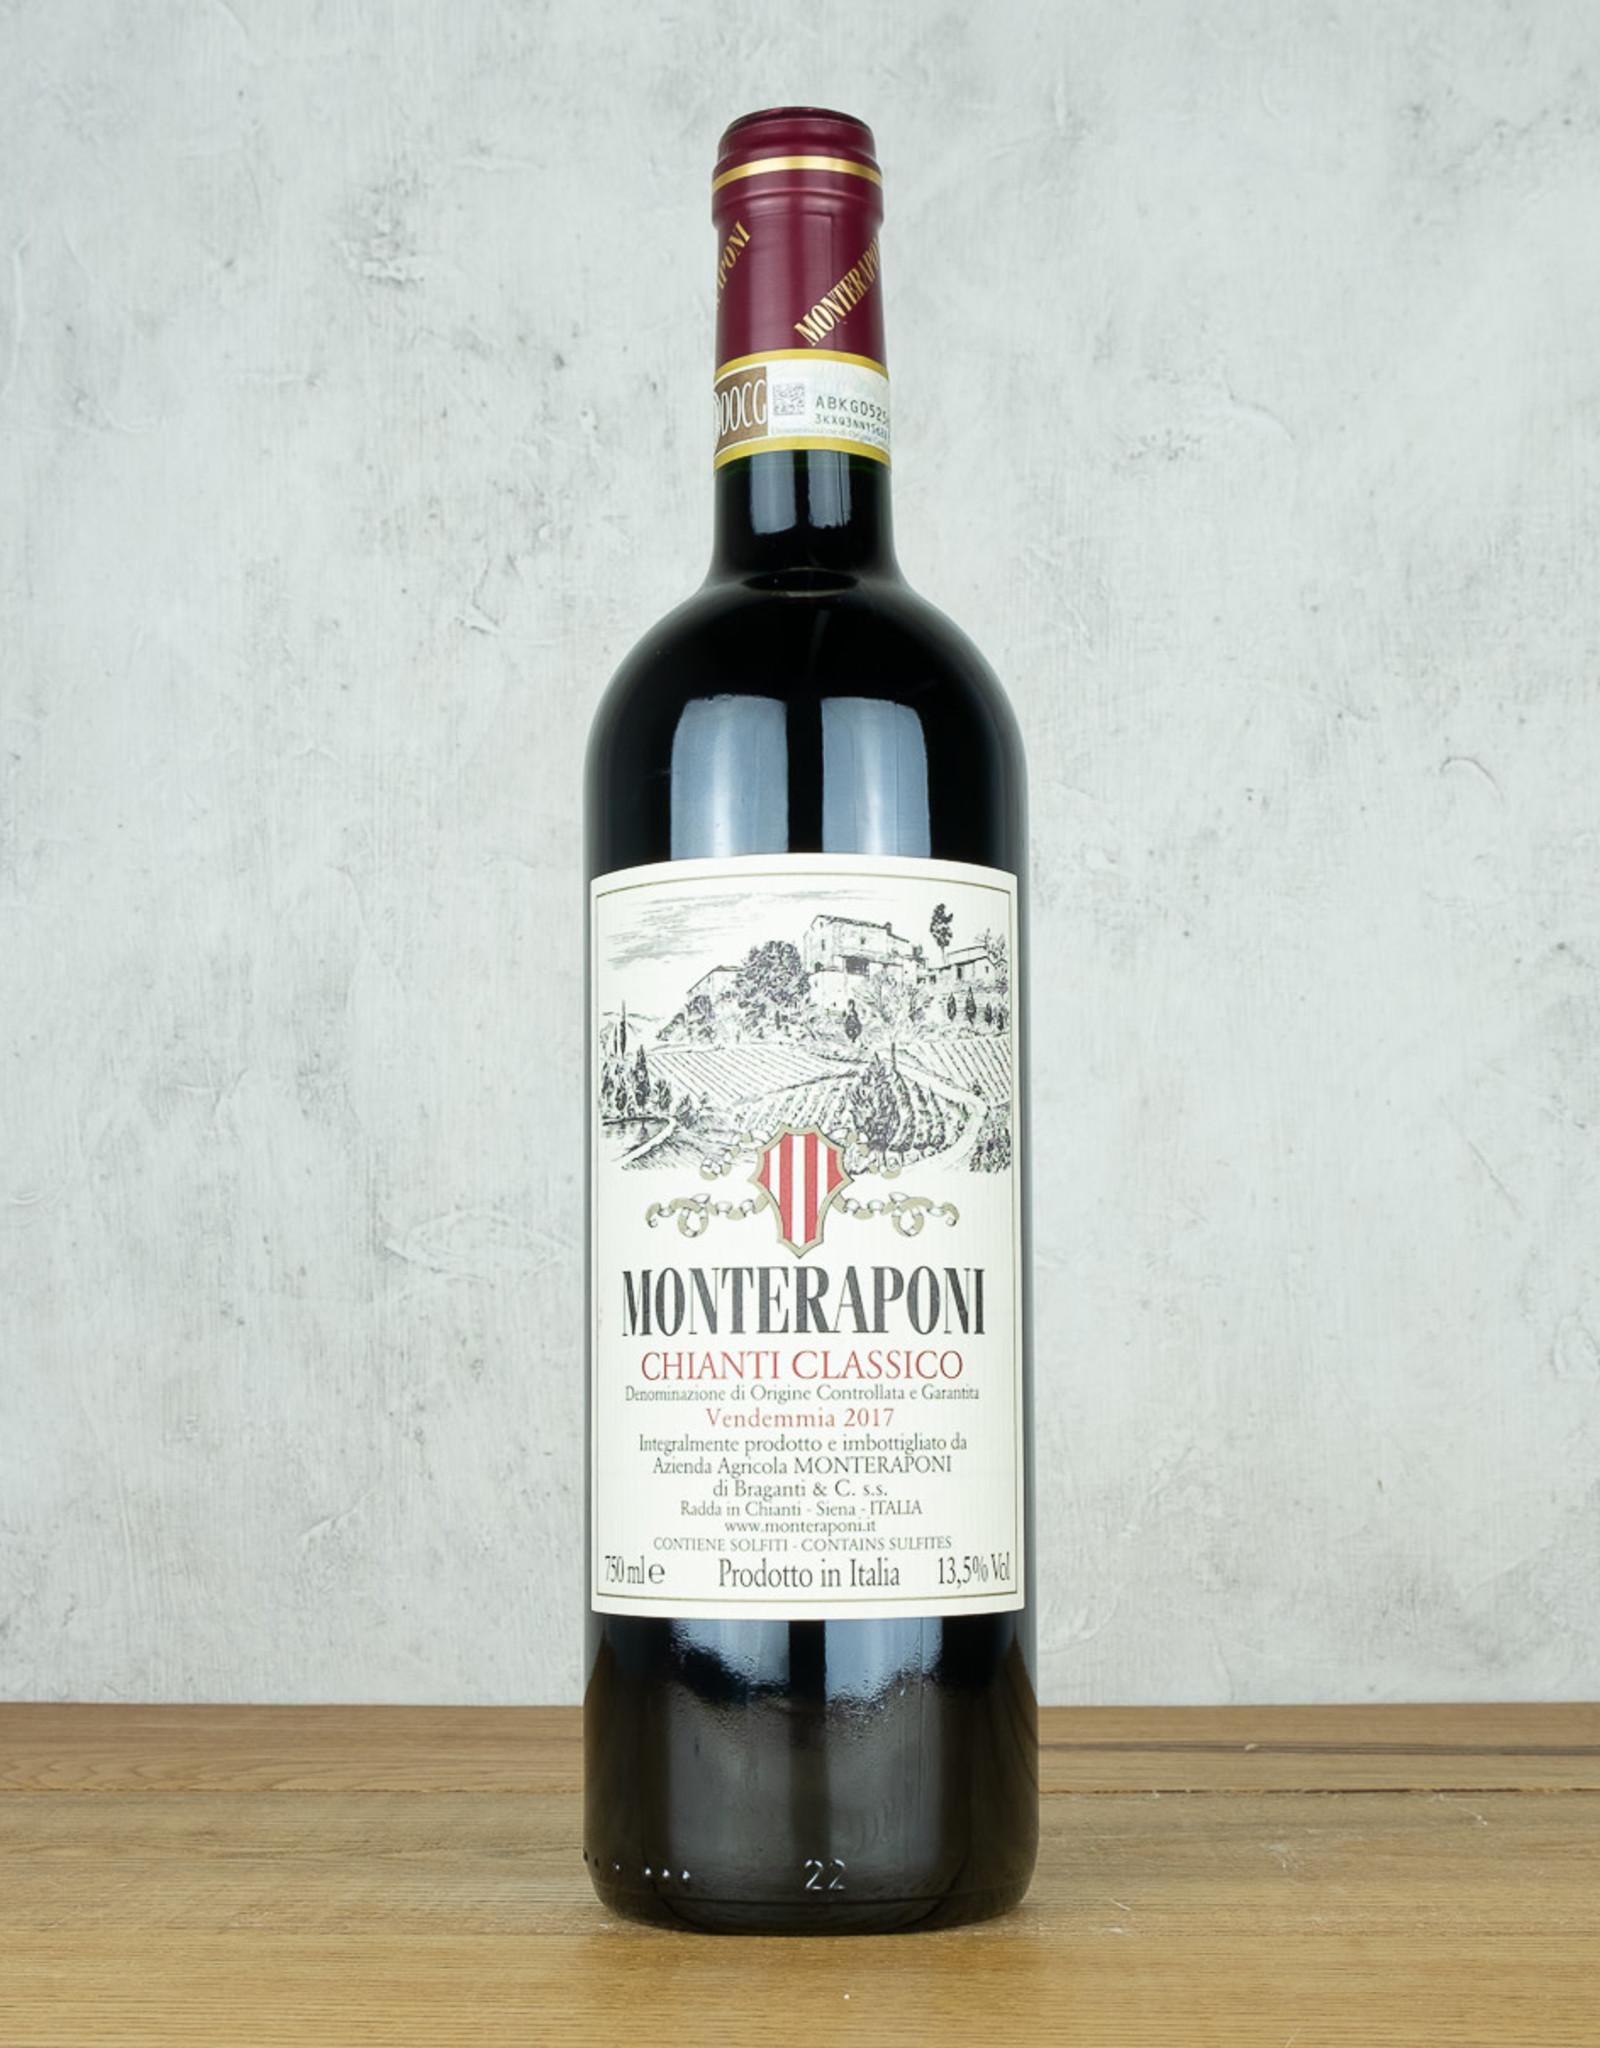 Monteraponi Chianti Classico